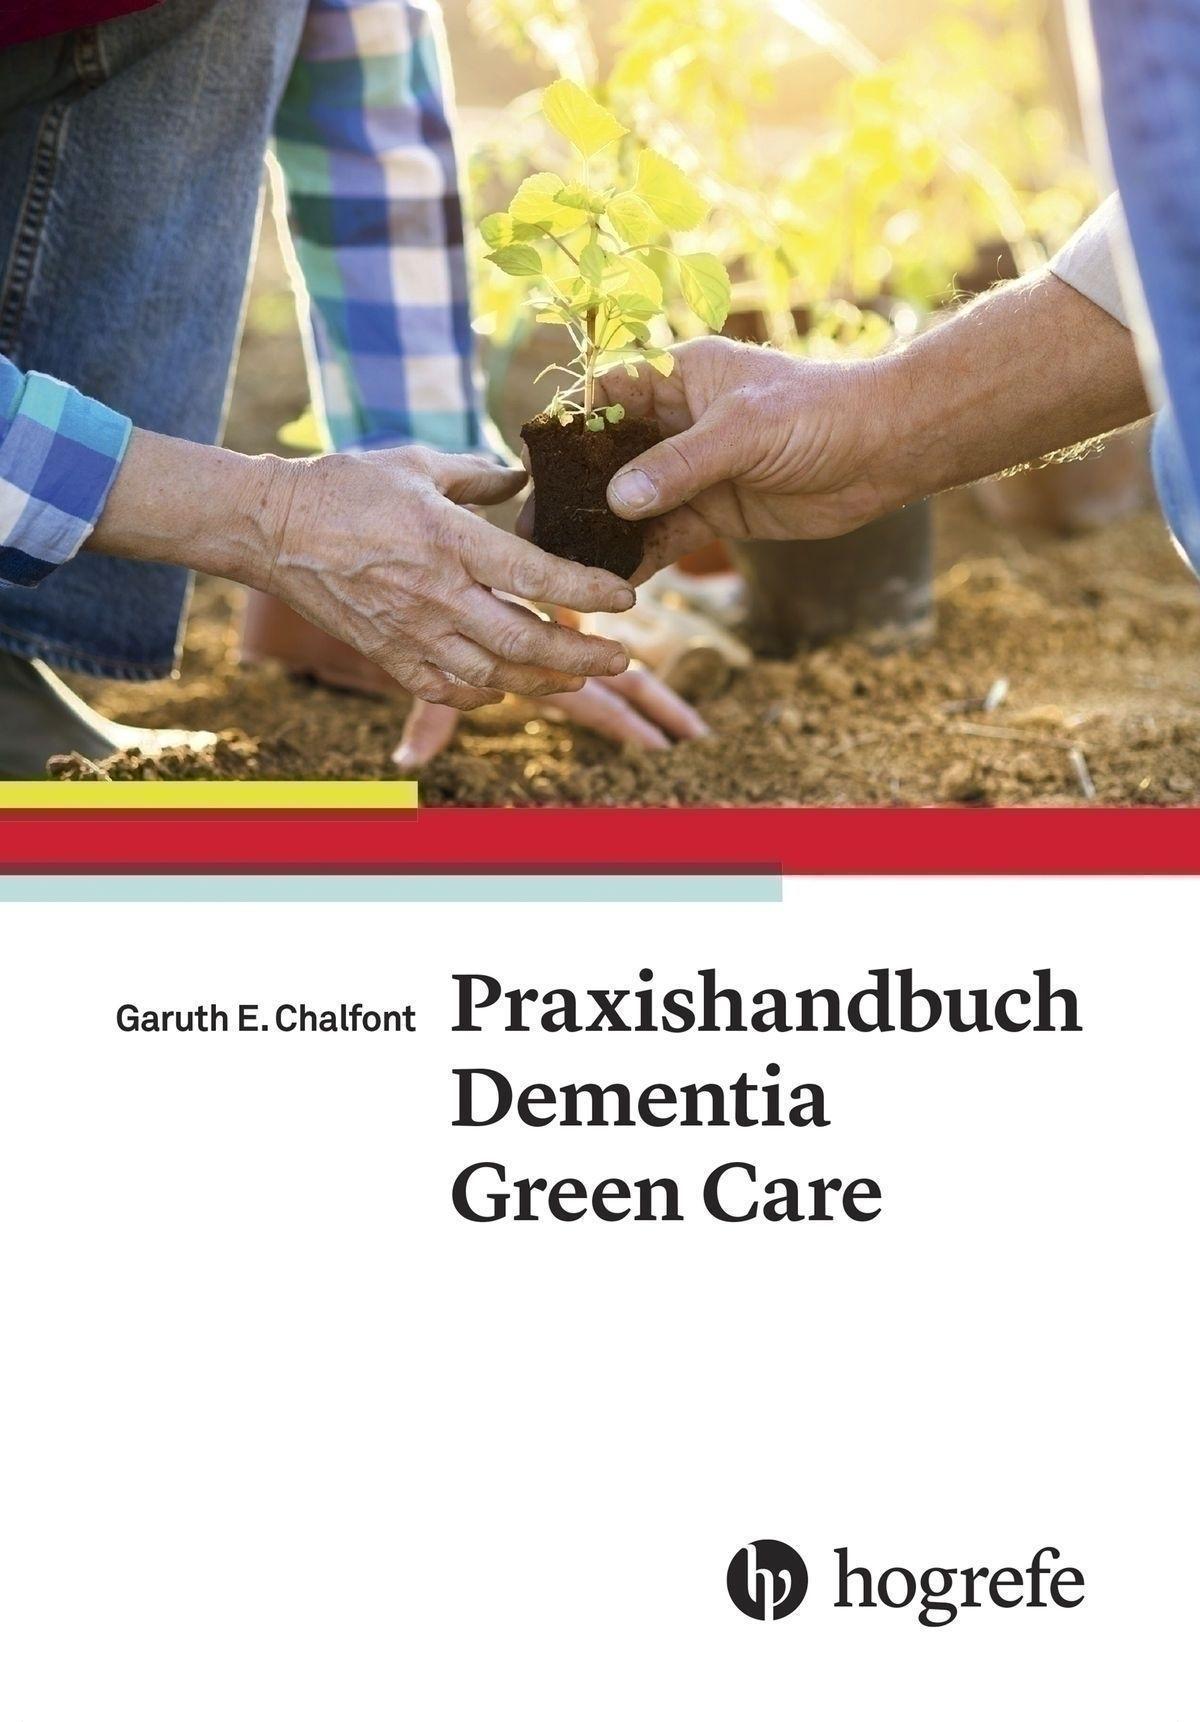 Praxishandbuch Dementia Green Care